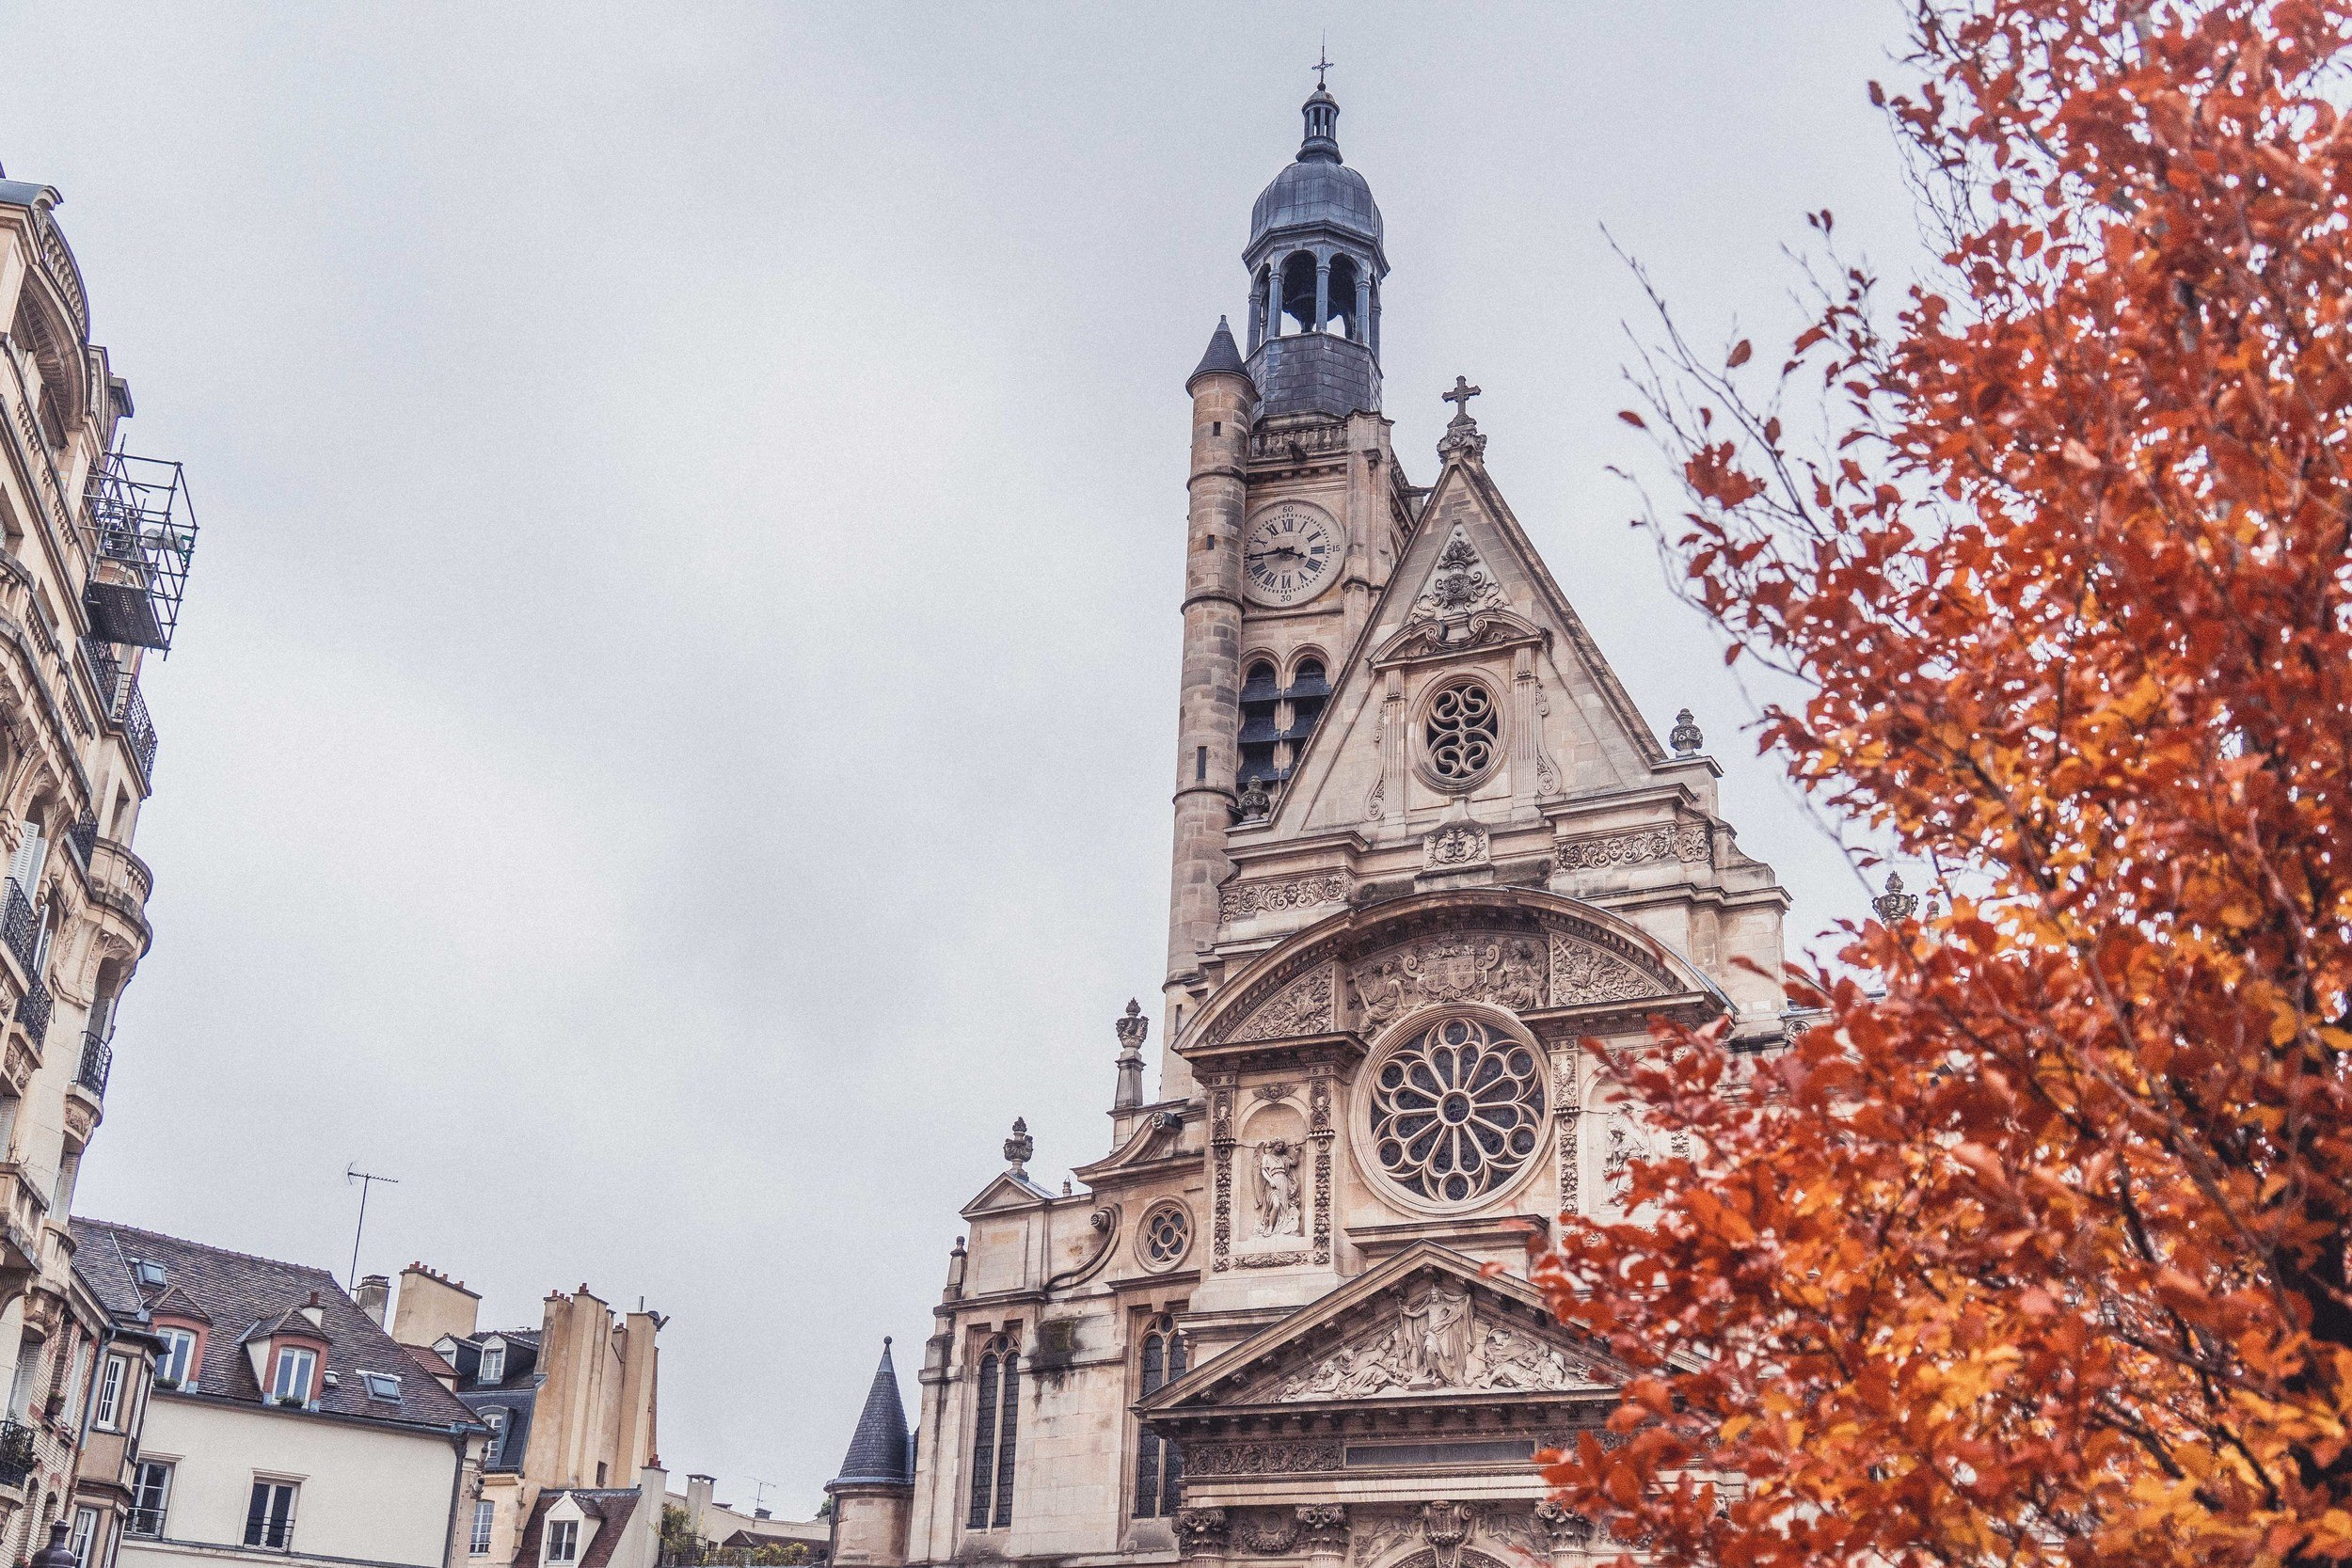 Saint-Étienne-du-Mont: Final Resting Place of Saint Genevieve in Paris, france